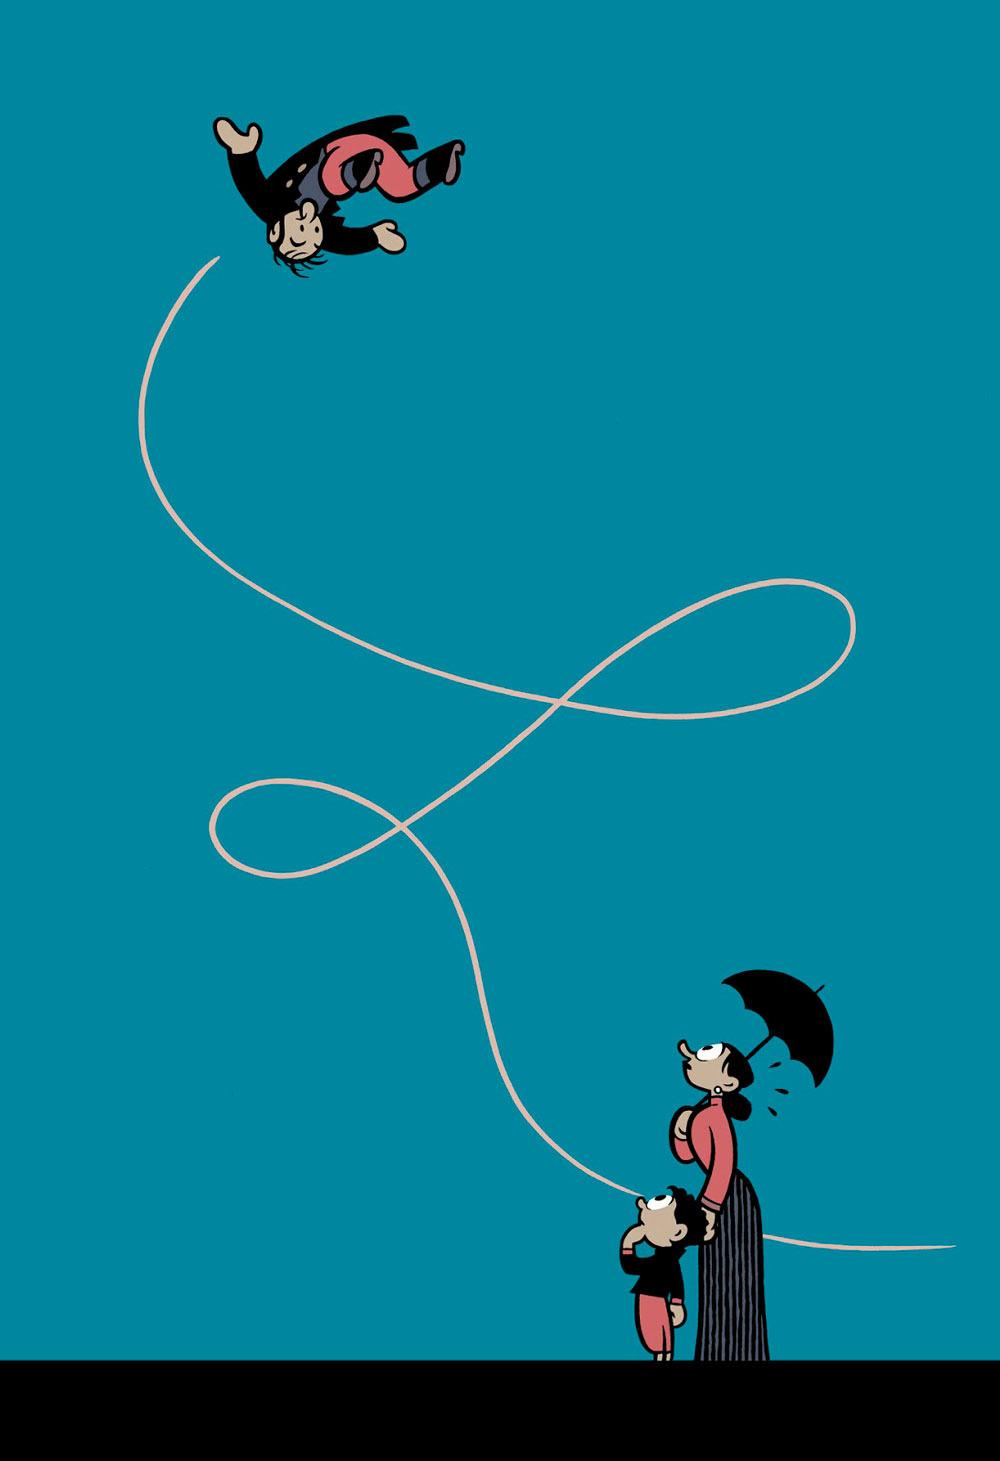 Francesc Capdevila, más conocido como Max (Barcelona, 1956), es una de las figuras más importantes del cómic español.